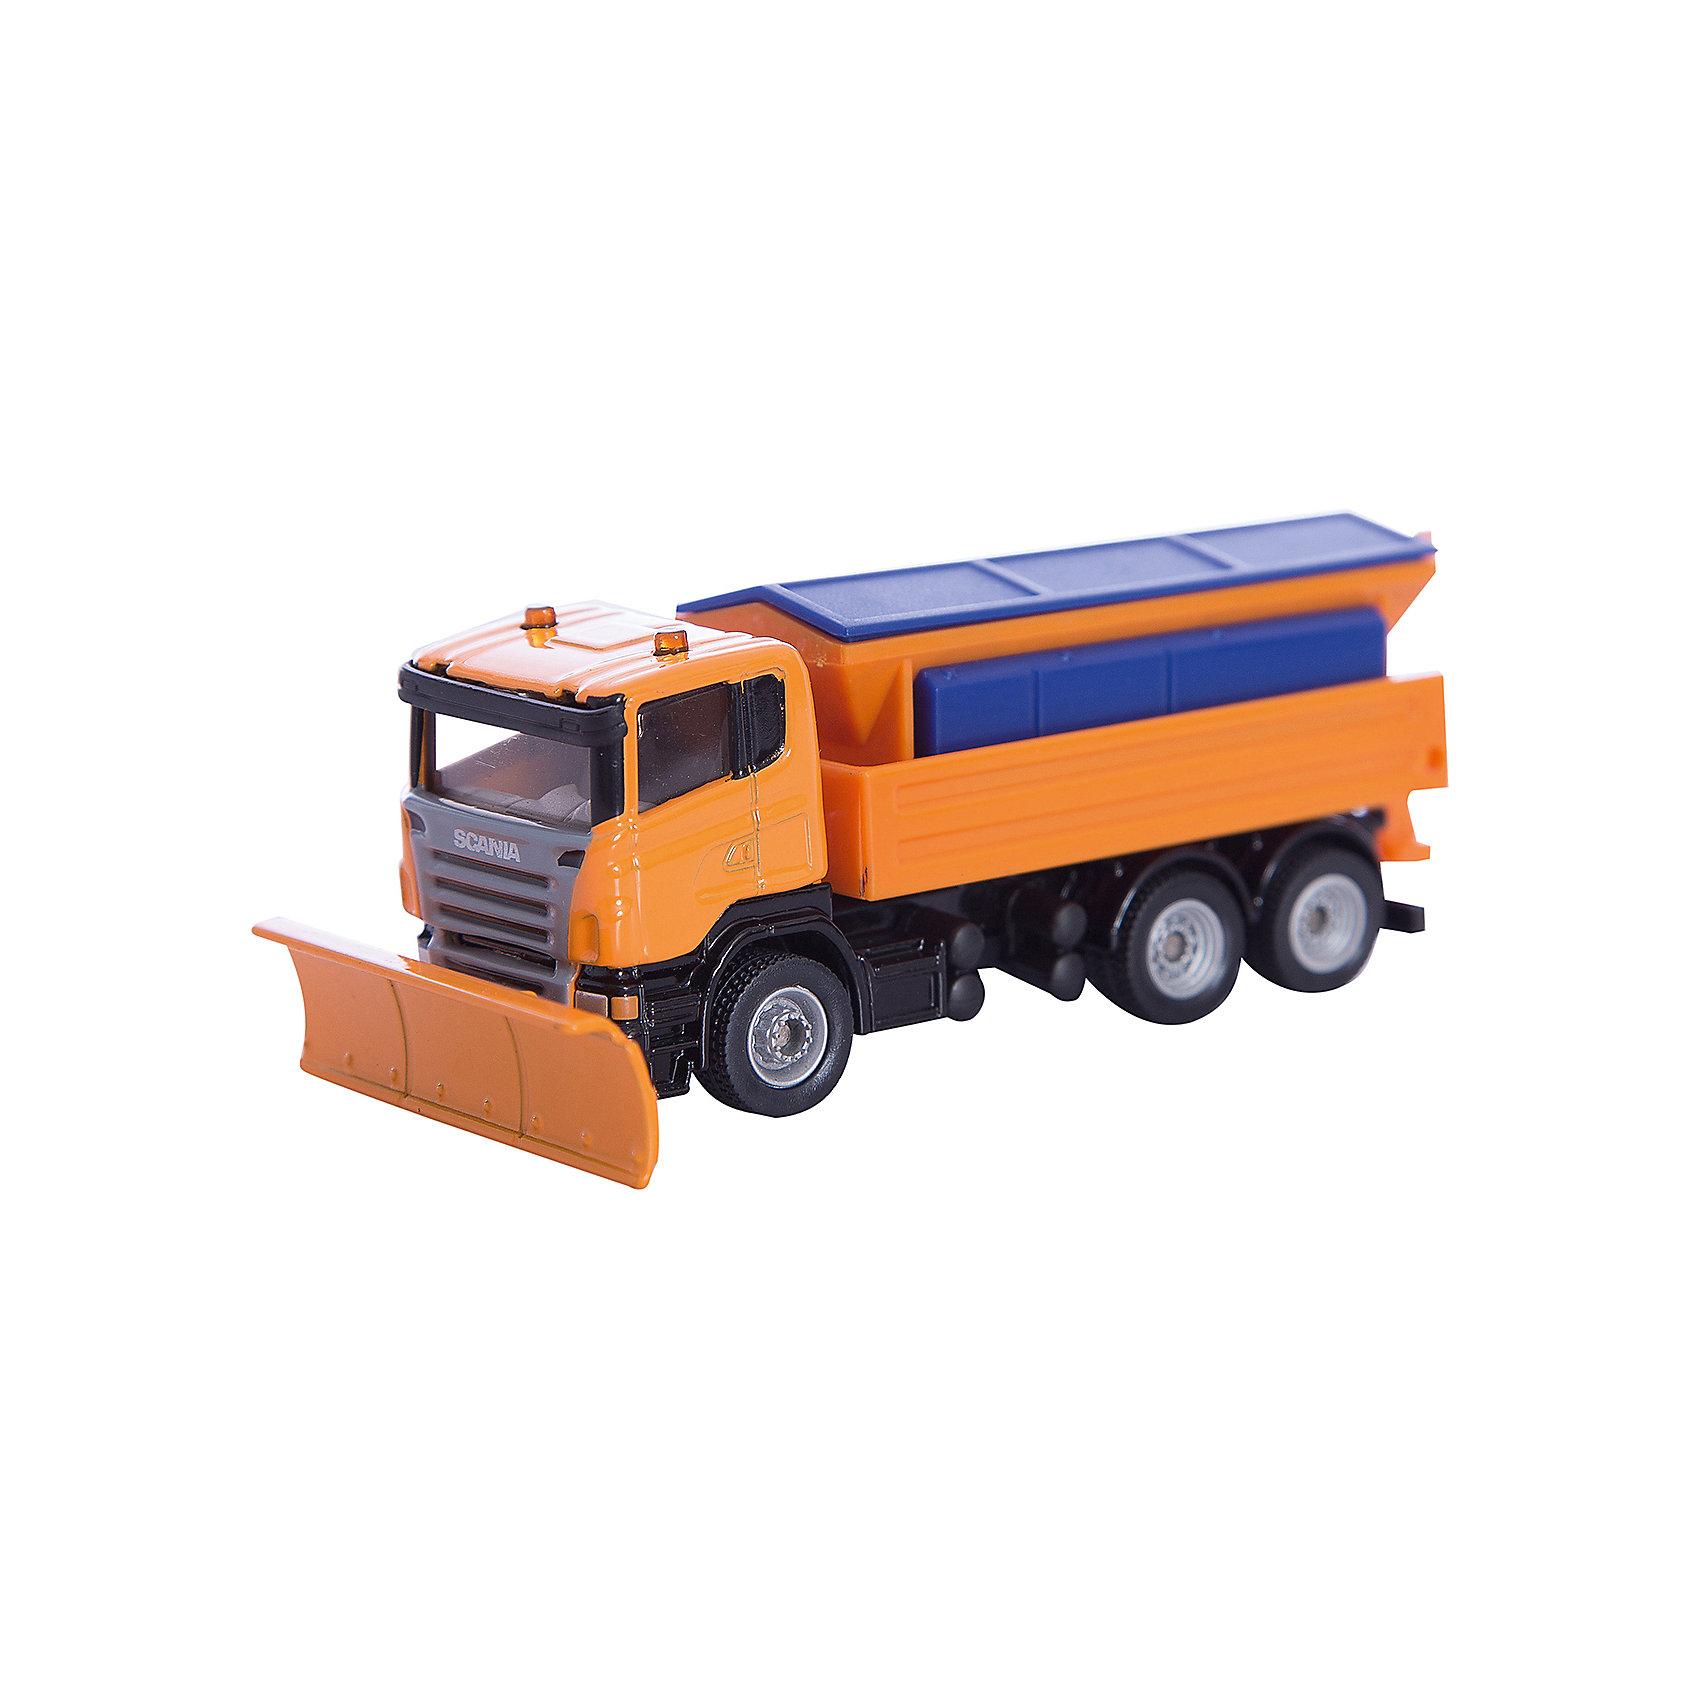 SIKU 1898 Снегоуборочная машинаМашинки<br>Модель SIKU (СИКУ) 1898 Снегоуборочная машина обеспечит дорожную безопасность игрушечного городка.<br><br>Корпус автомобиля и кузов выполнены из металла, лобовое и боковые стёкла из прозрачной тонированной пластмассы, колёса выполнены из резины и вращаются, можно катать. Крышка кузова открывается, можно чего-нибудь насыпать. Разбрасыватель песка поднимается и опускается. Передний отвал регулируется, можно менять угол атаки.<br><br>Дополнительная информация:<br>-Размер игрушки: 11 х 4,7 х 4 см <br>-Масштаб: 1:87<br>-Материал: металл, пластиковые элементы<br><br>Интересная модель снегоуборочной машины прекрасно подходит для мальчишеских сюжетно-ролевых игр.<br><br>SIKU (СИКУ) 1898 Снегоуборочную машину можно купить в нашем магазине.<br><br>Ширина мм: 160<br>Глубина мм: 83<br>Высота мм: 68<br>Вес г: 129<br>Возраст от месяцев: 36<br>Возраст до месяцев: 96<br>Пол: Мужской<br>Возраст: Детский<br>SKU: 1999747